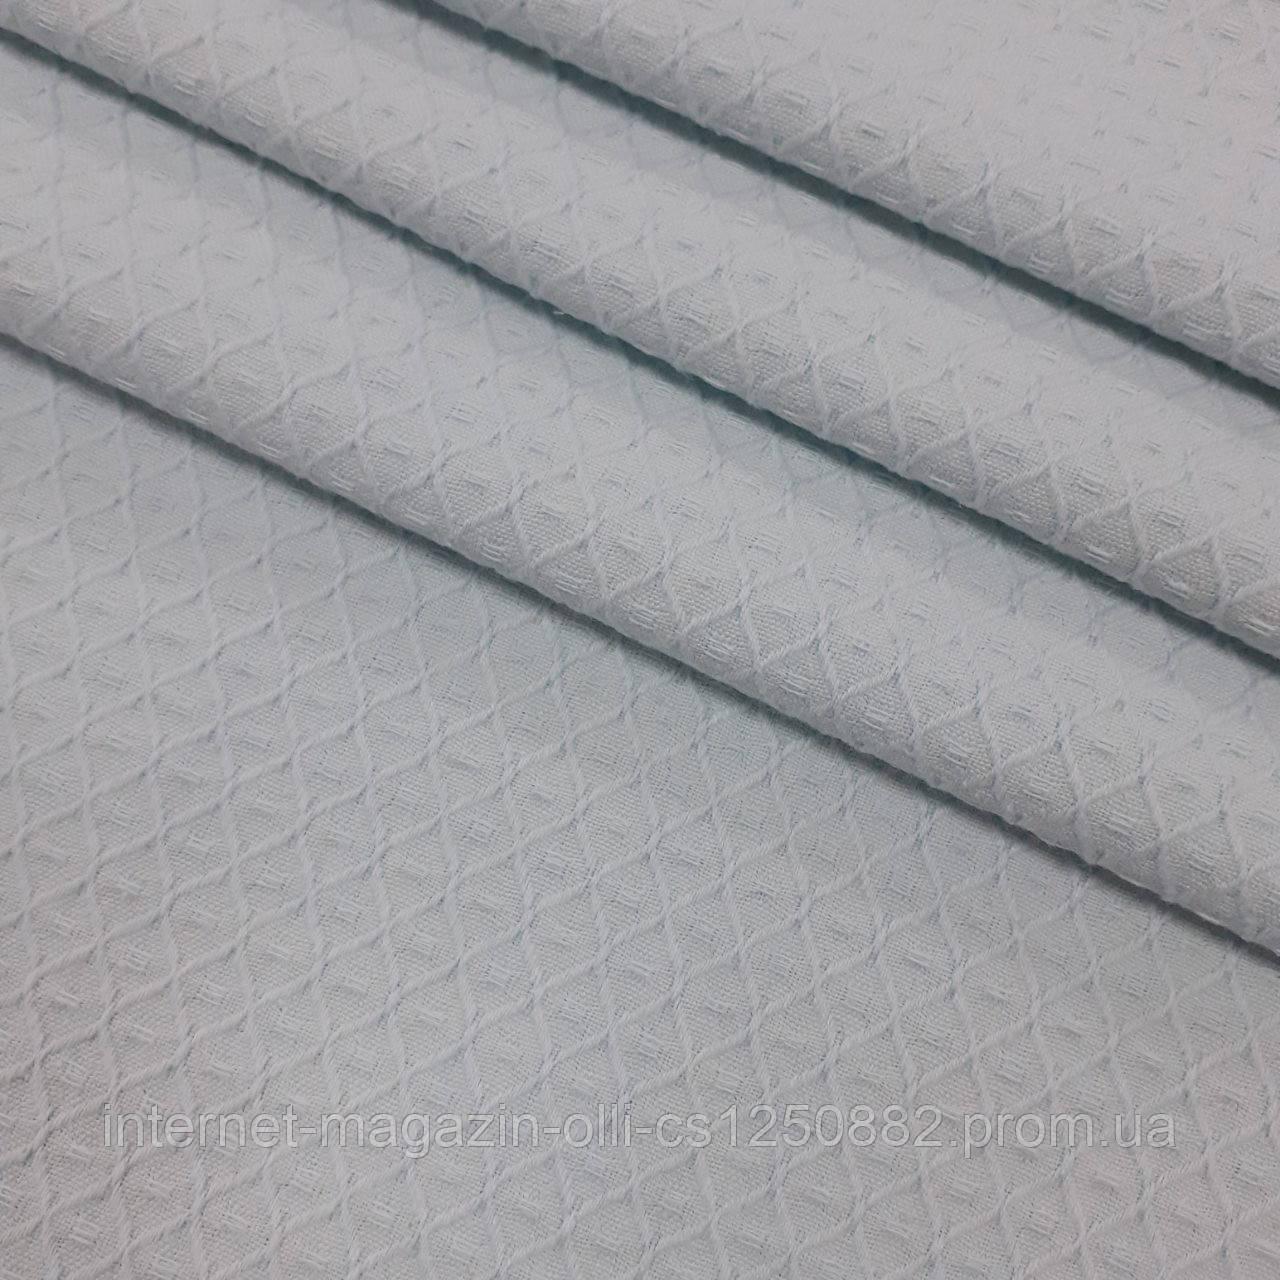 Вафельное полотно плетение ромбик цвет всетло-мятный  (шир. 2,30 м)